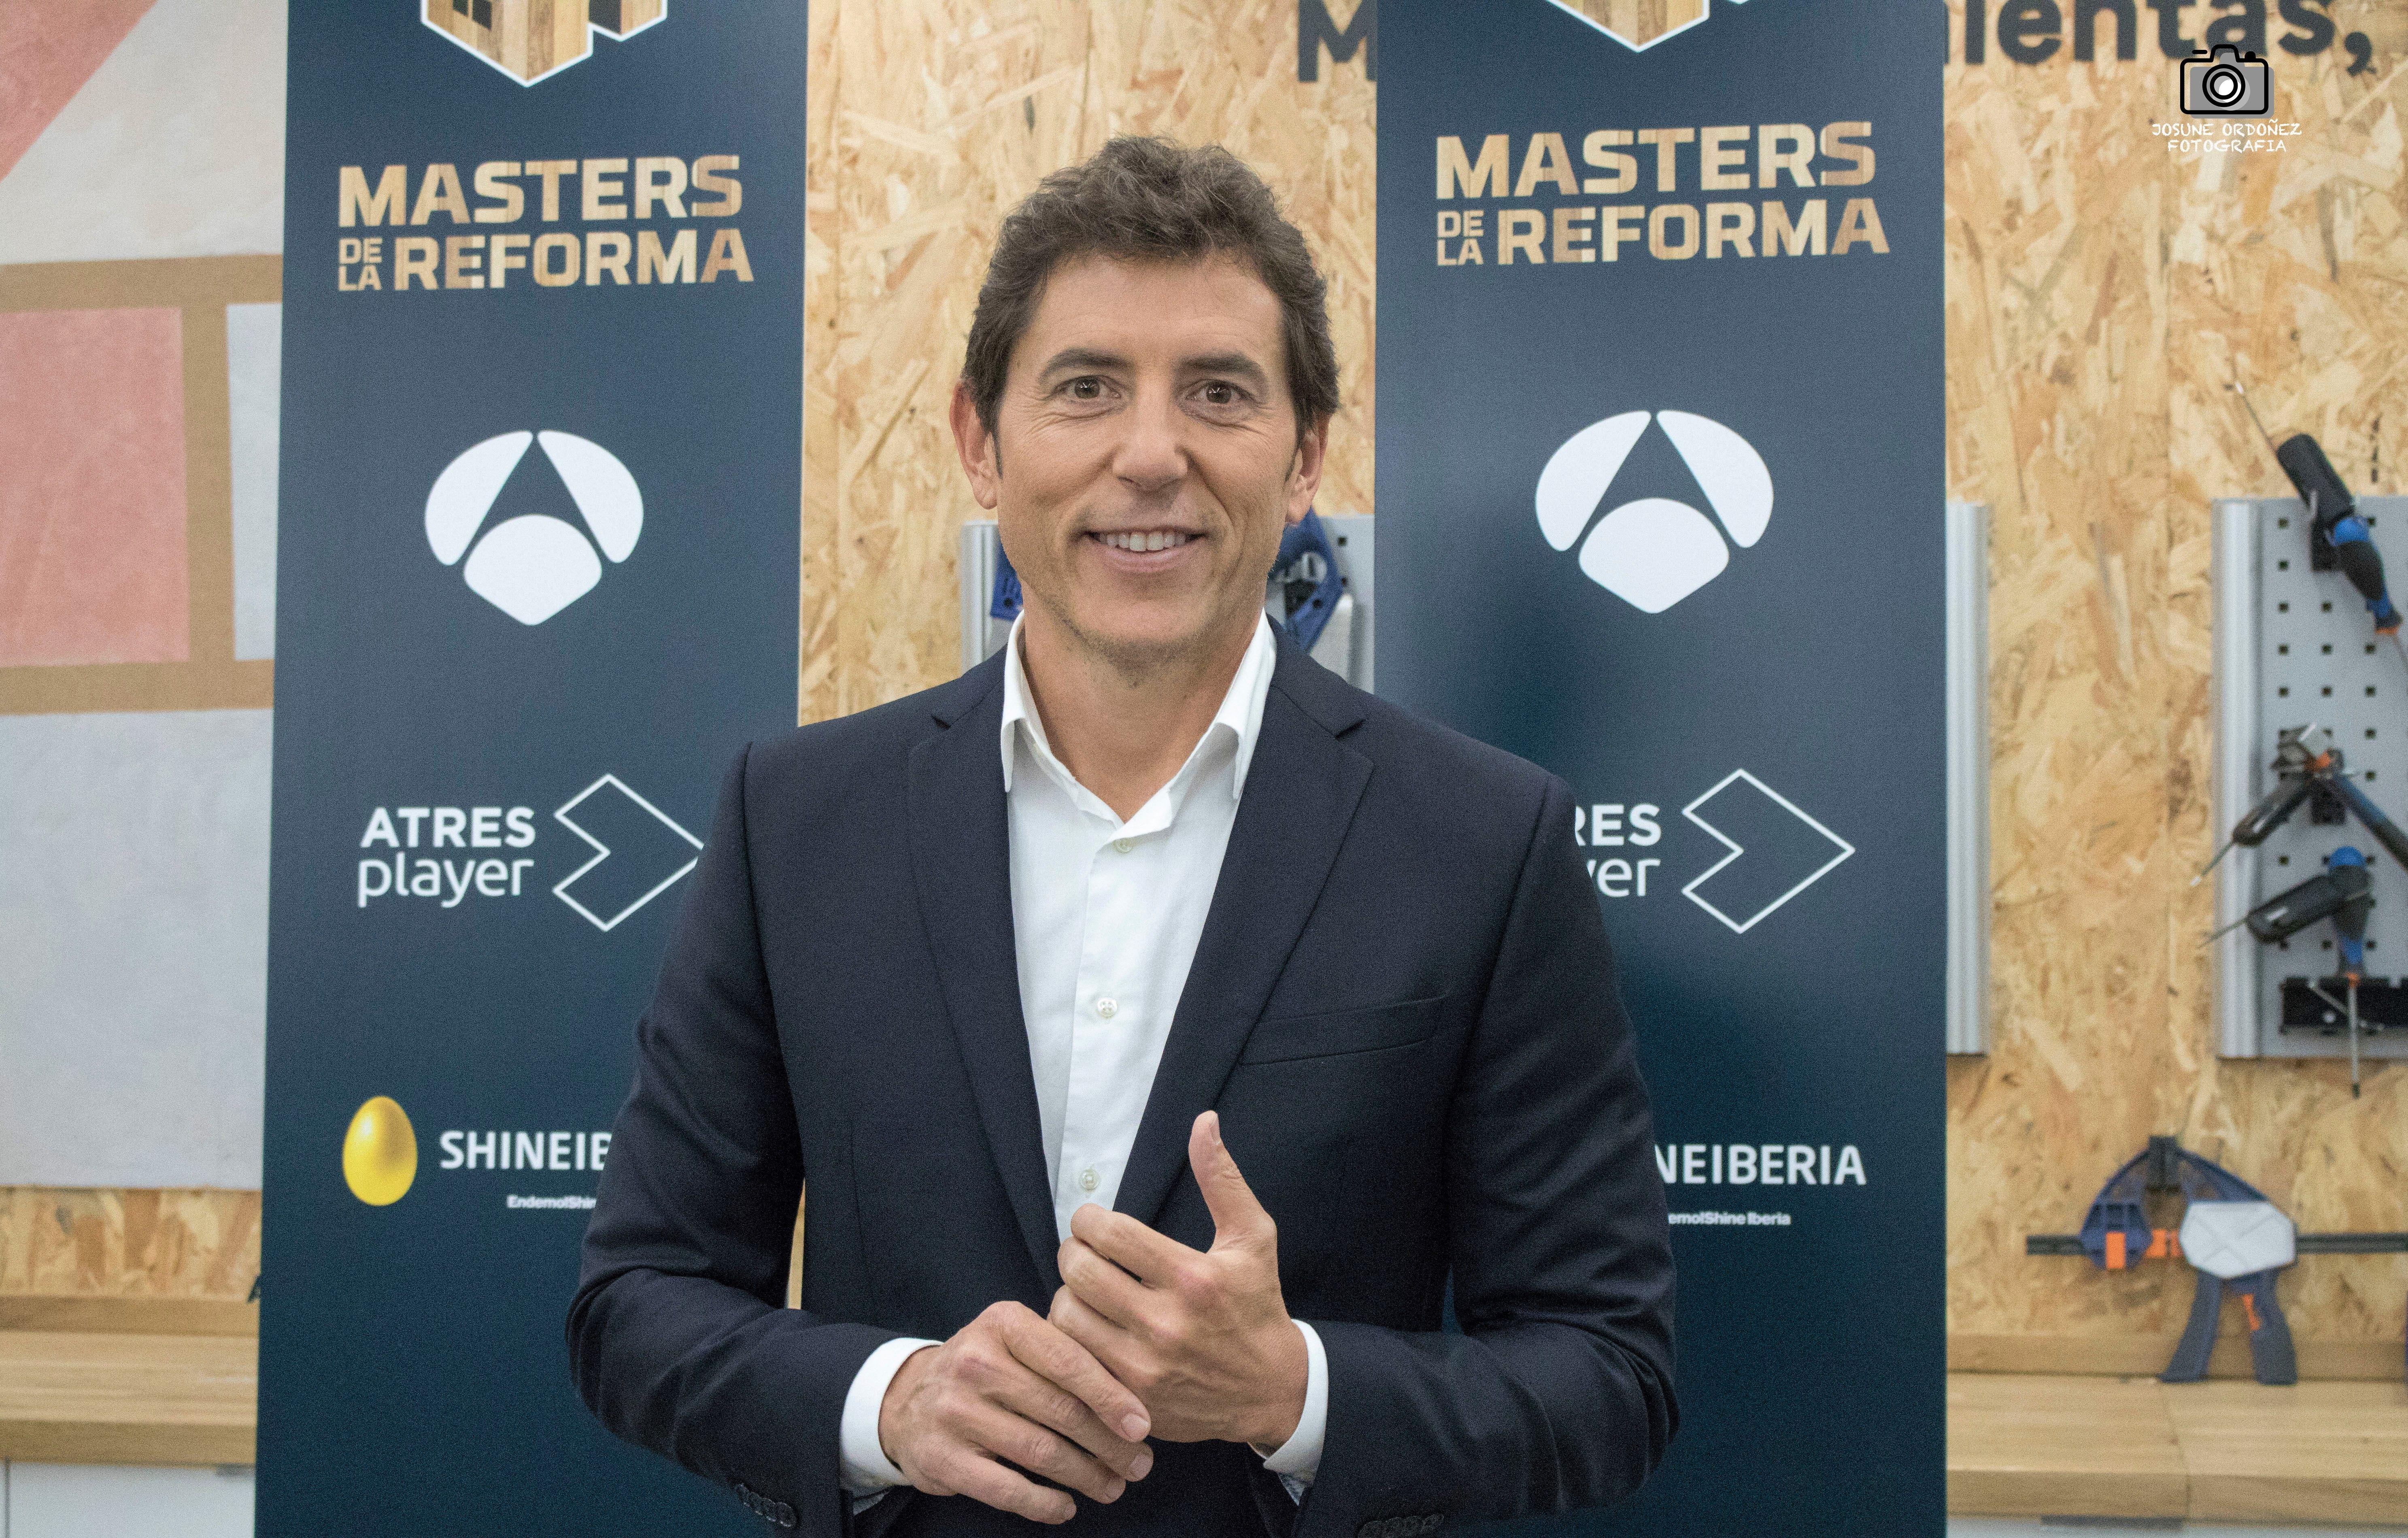 Manel Funtes afronta nuevos retos como presentador en Masters de la Reforma